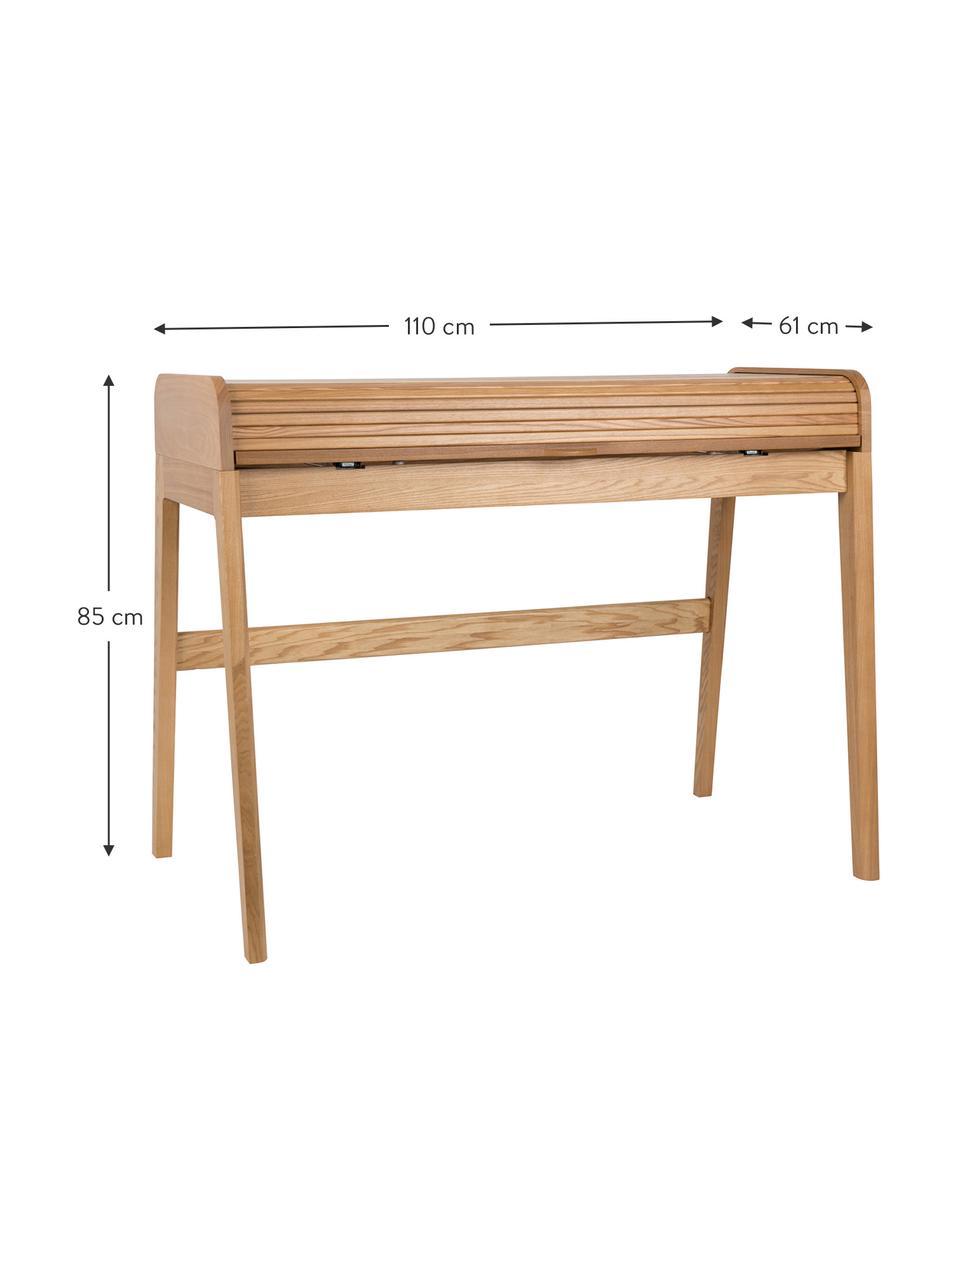 Holz-Schreibtisch Barbier in Hellbraun, Tischplatte: Mitteldichte Holzfaserpla, Eschenholz, 110 x 85 cm